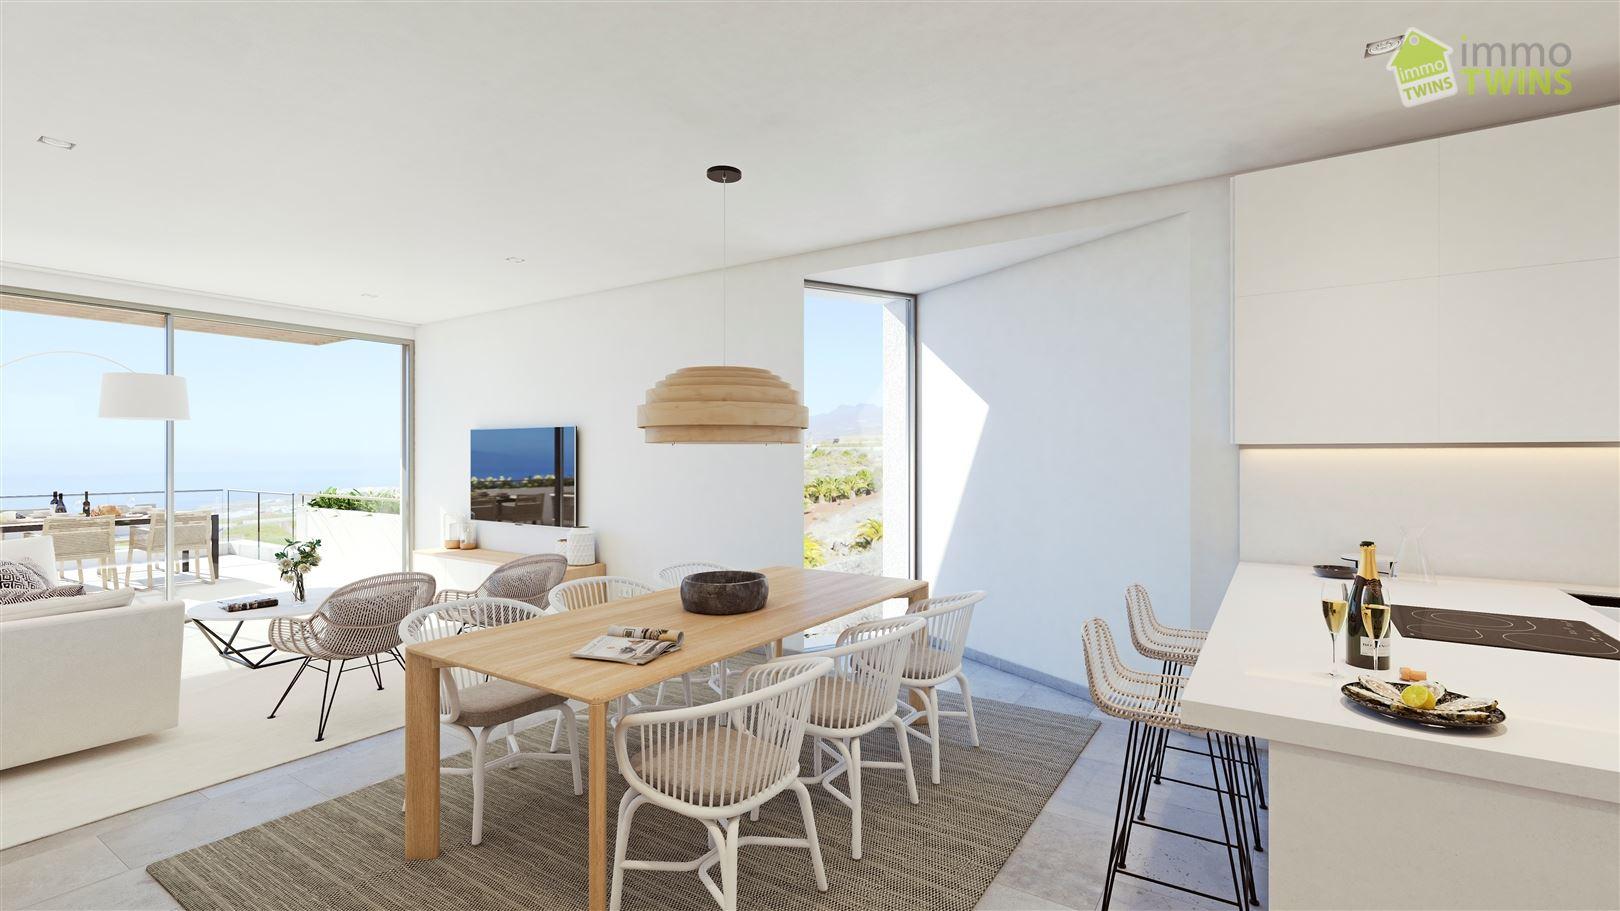 Foto 4 : Appartement te   (Spanje) - Prijs Prijs op aanvraag